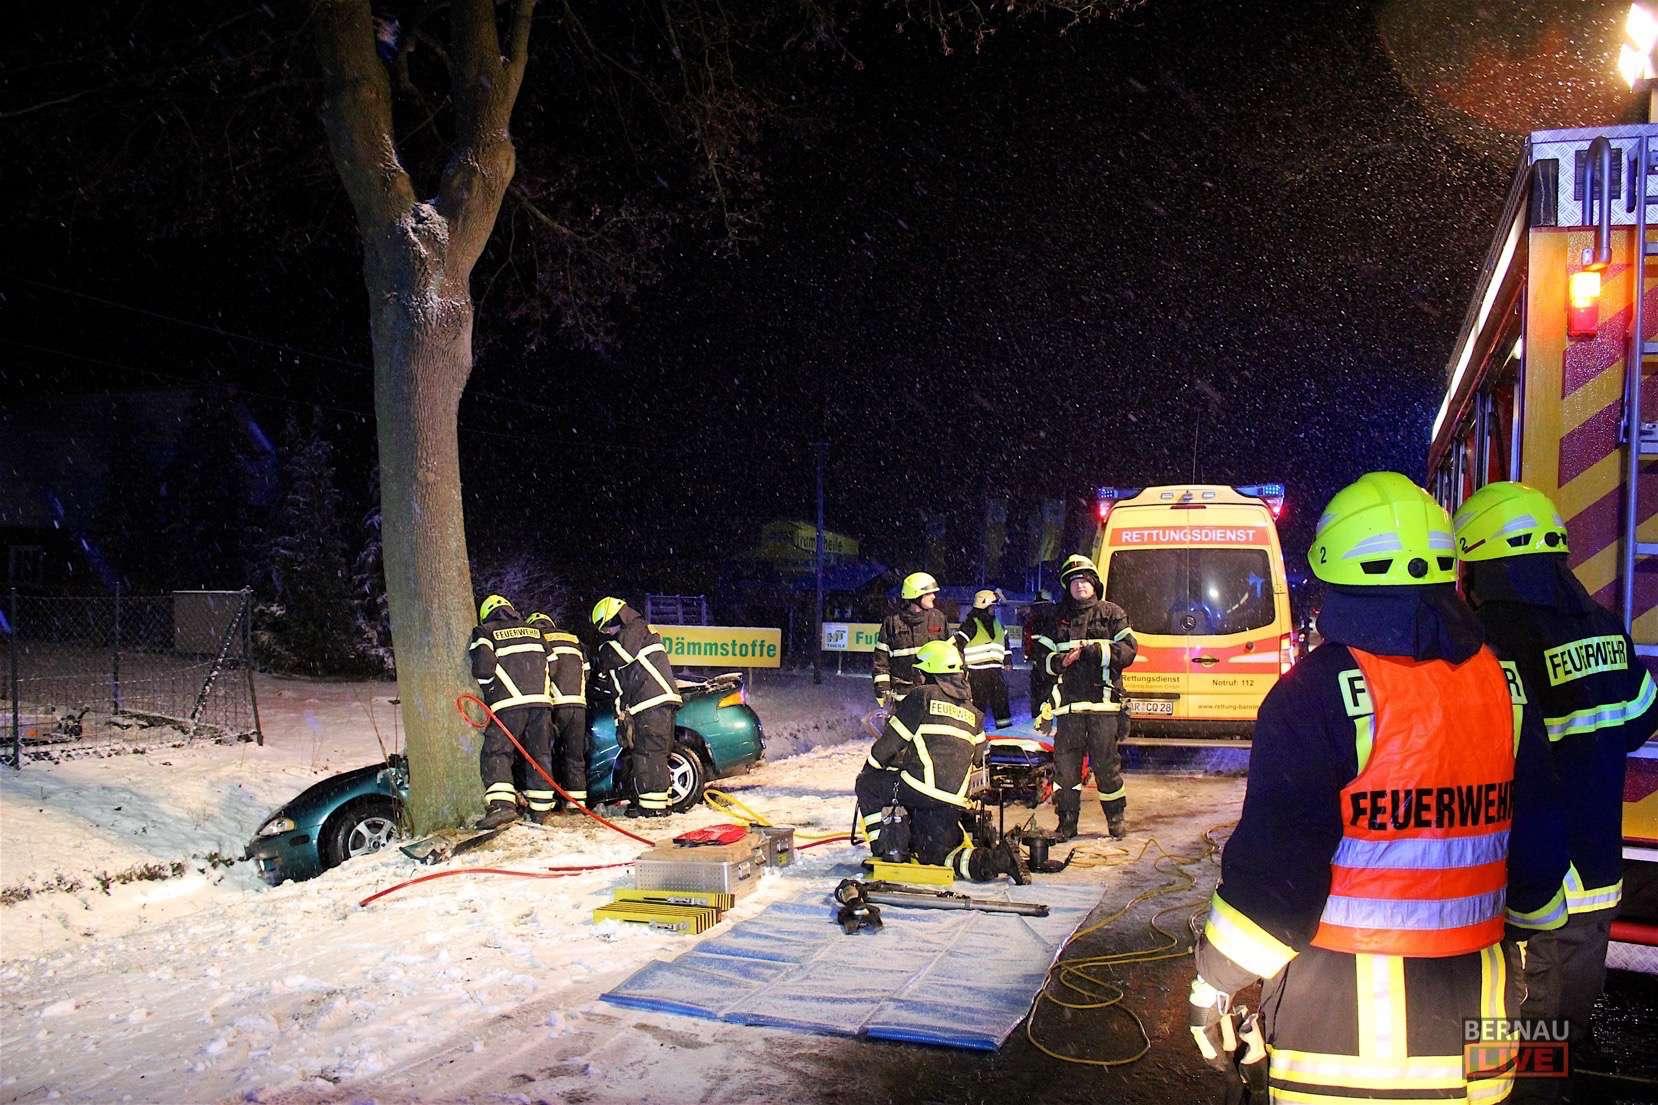 Unfall A11 - Video LKW Bergung und Rückblick der letzten (Unfall) Nacht